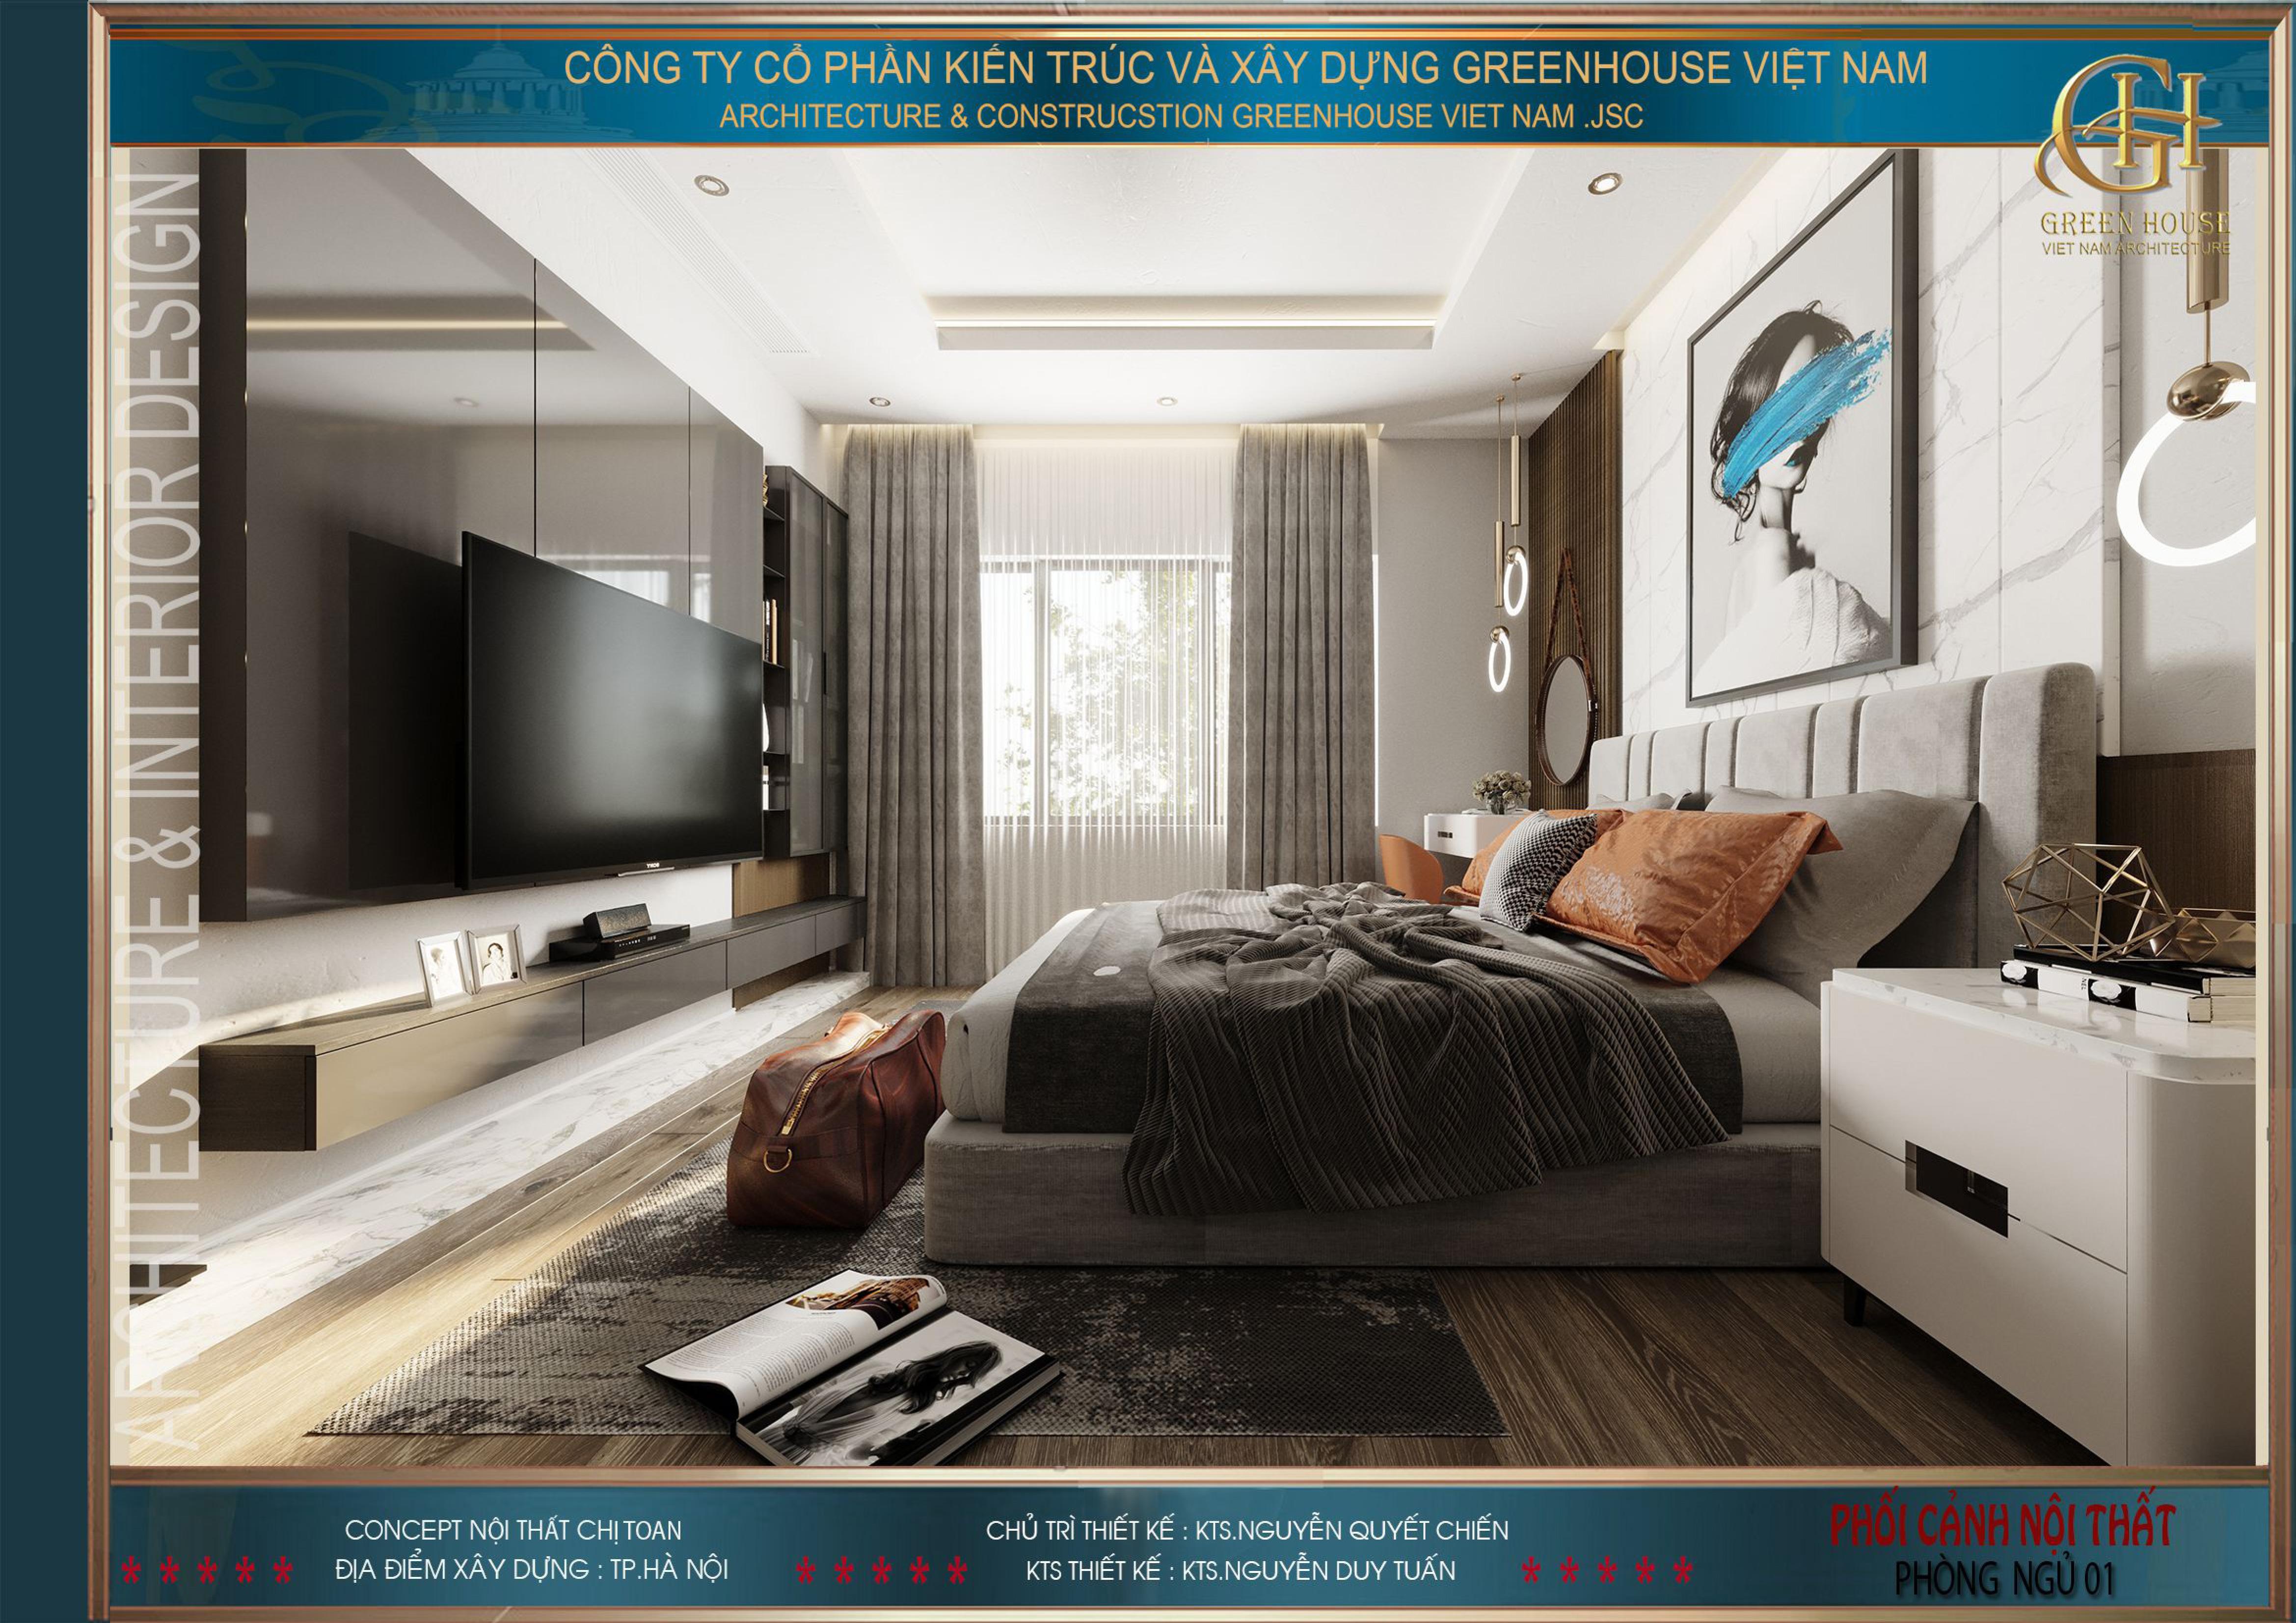 Toàn cảnh nội thất của phòng ngủ chính